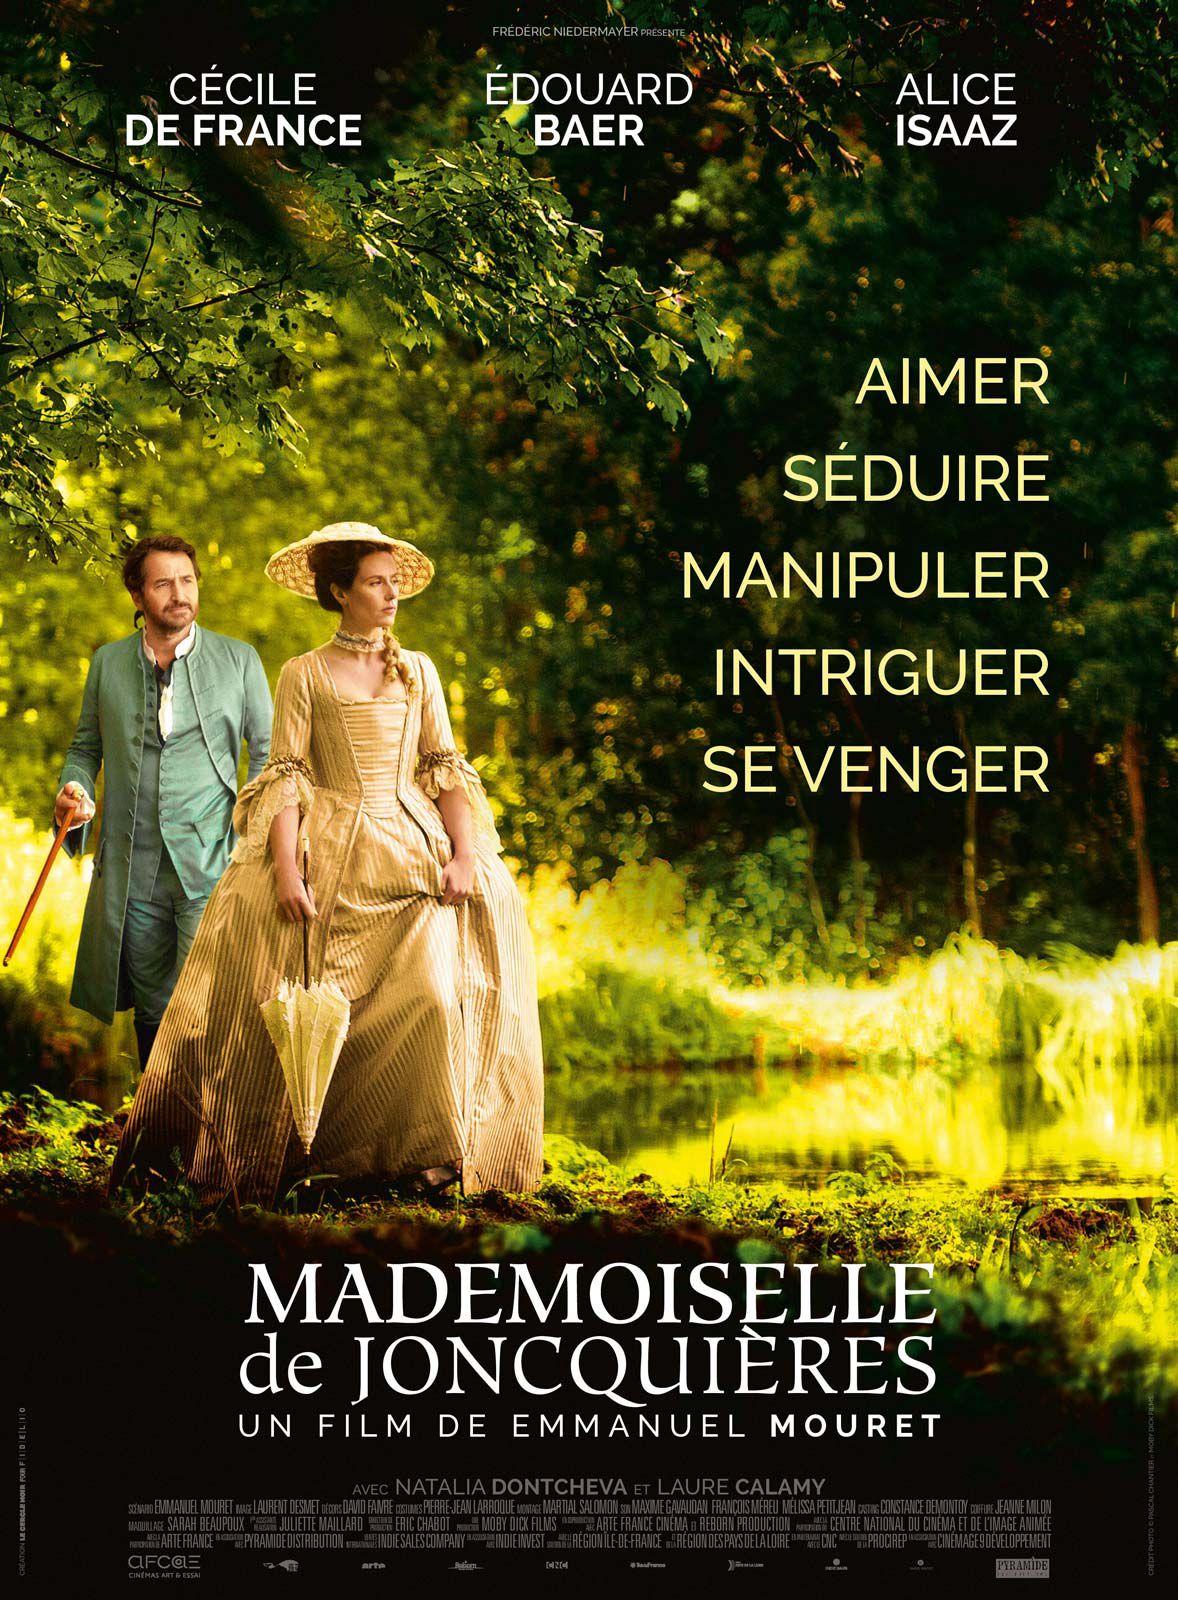 Mademoiselle de Joncquières - Film (2018)